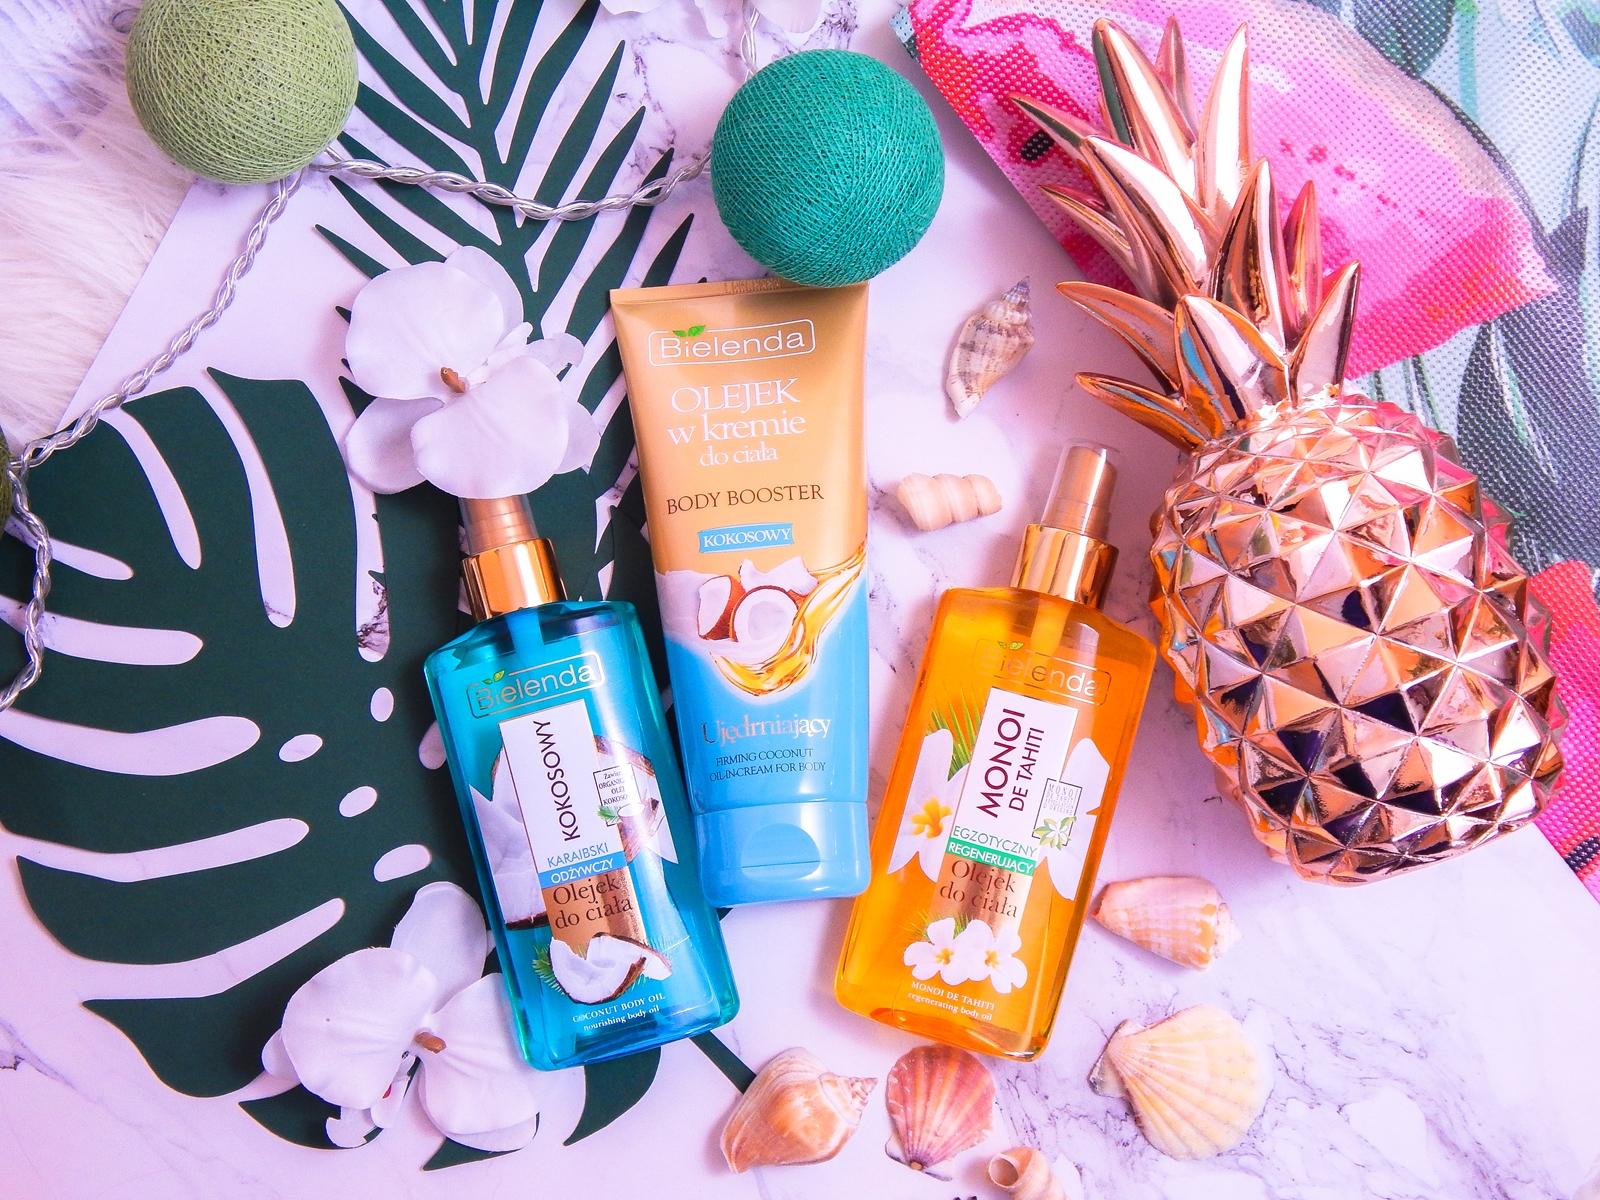 1 bielenda karaibski odżywczy olejek kokosowy do ciała monoi de tahiti recenzja opinia cena melodylaniella blog lifestyle urodowy blogerki z łodzi blogerka recenzje olejek w kremie kokosowy kosmetyki